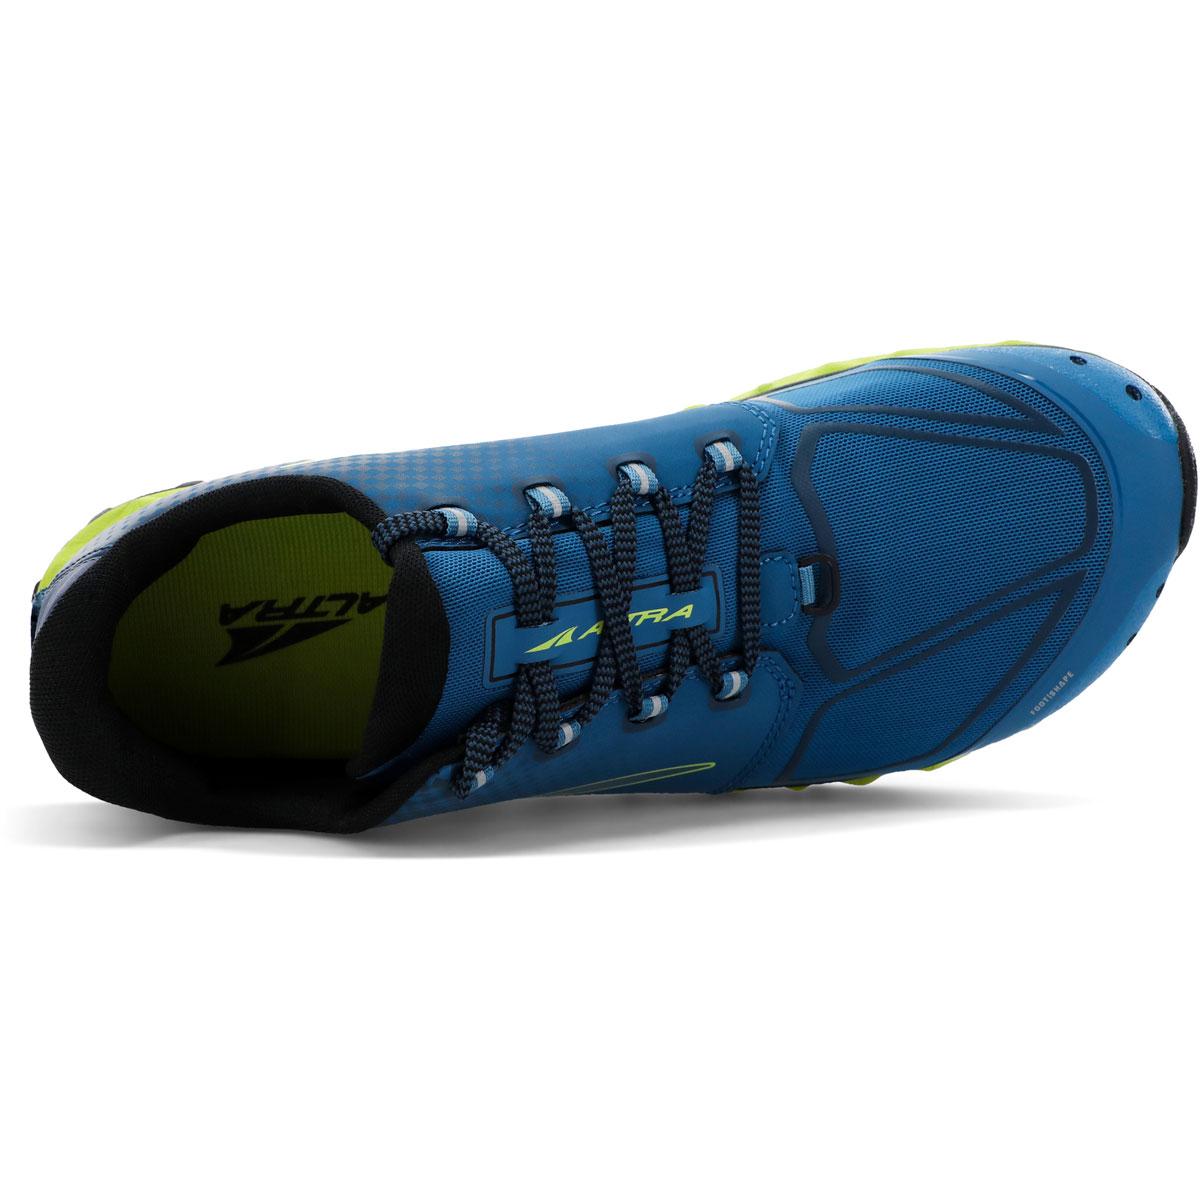 Men's Altra Superior 4.5 Trail Running Shoe - Color: Blue/Lime - Size: 7 - Width: Regular, Blue/Lime, large, image 3